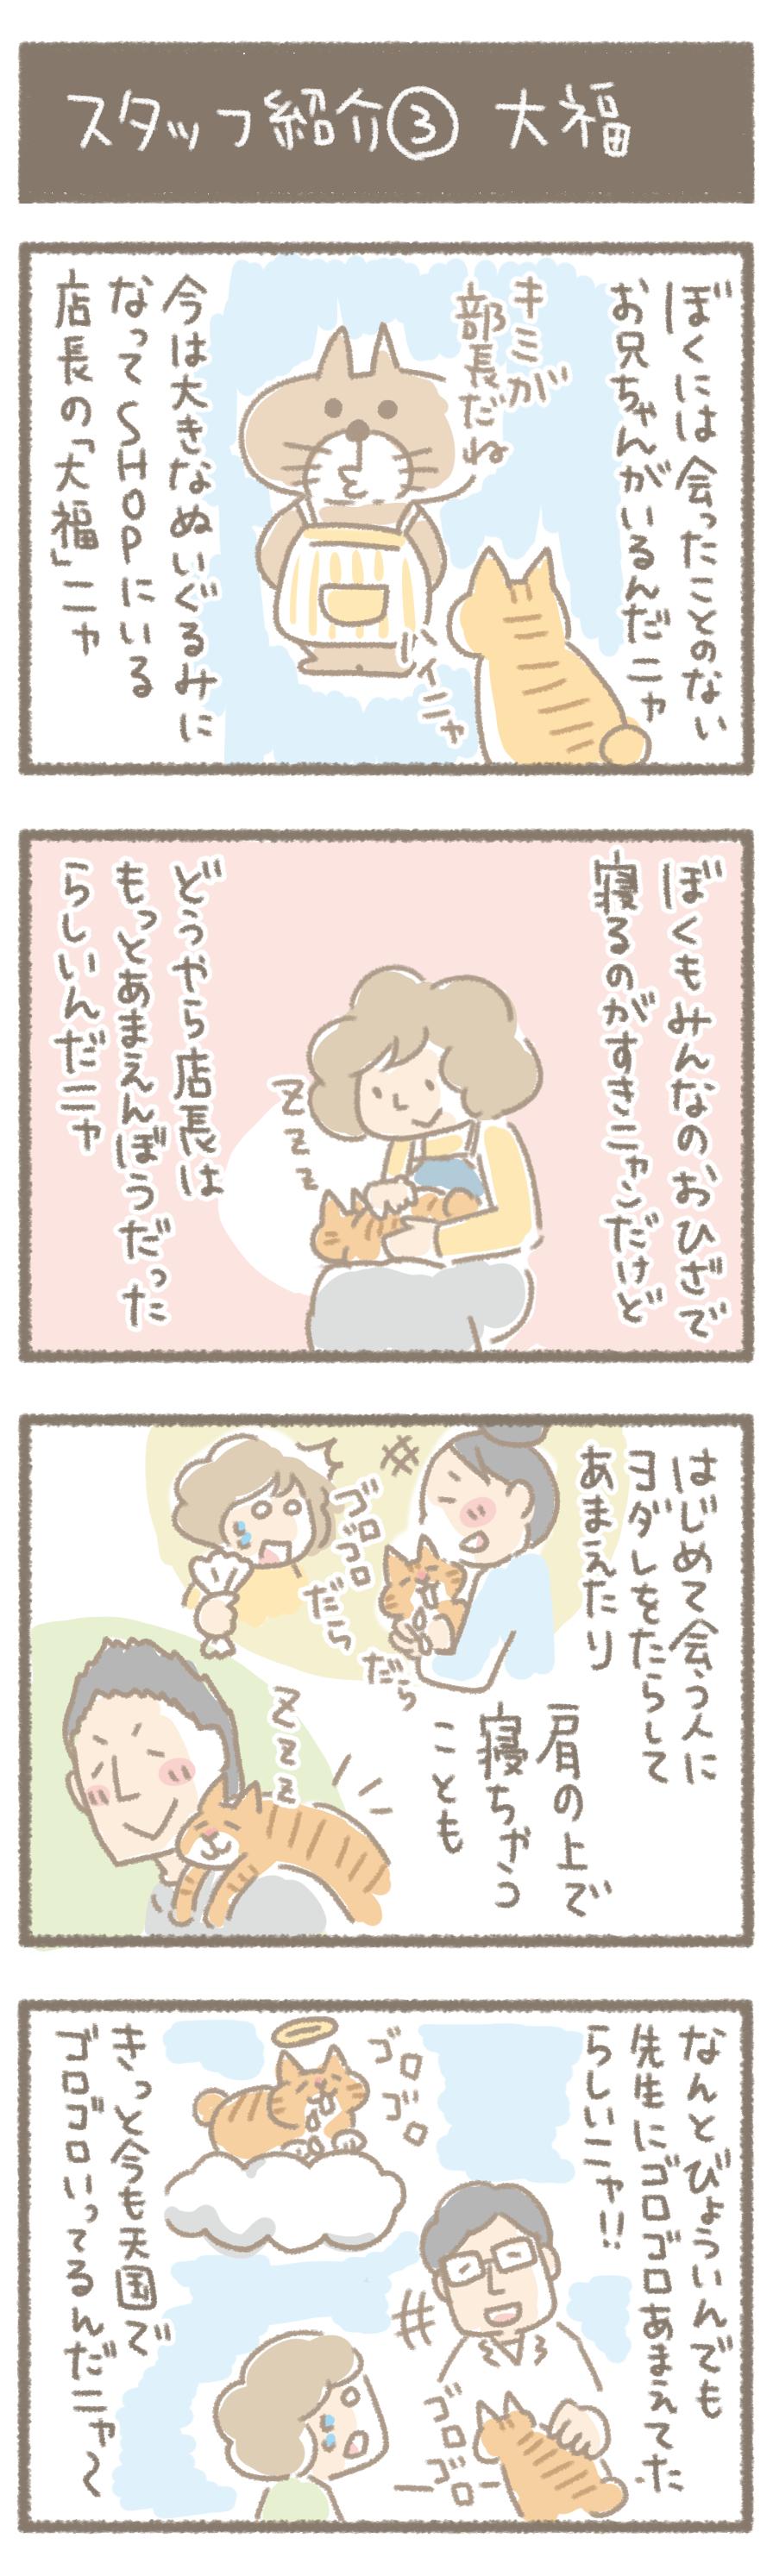 スタッフ紹介③大福